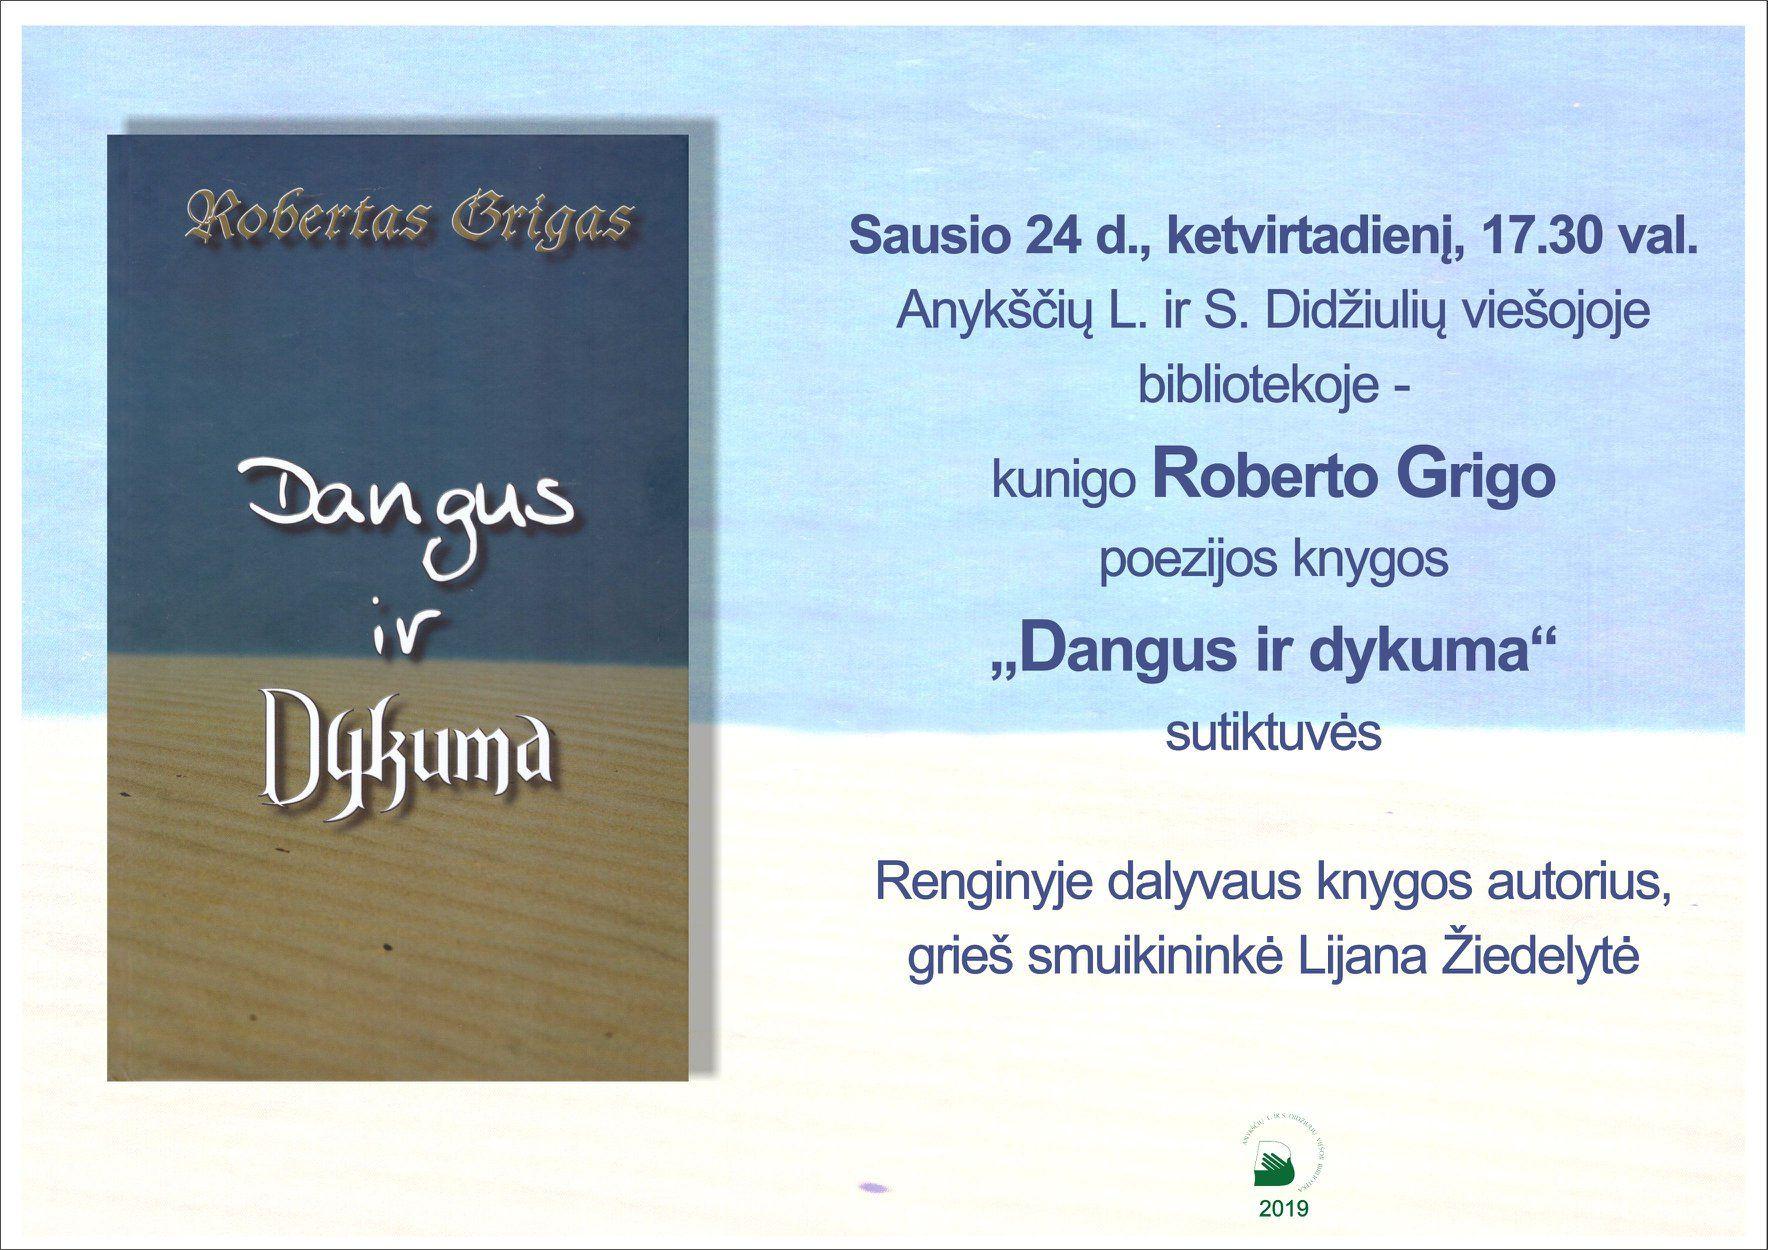 """Kunigo ROBERTO GRIGO poezijos knygos """"Dangus ir dykuma"""" pristatymas"""